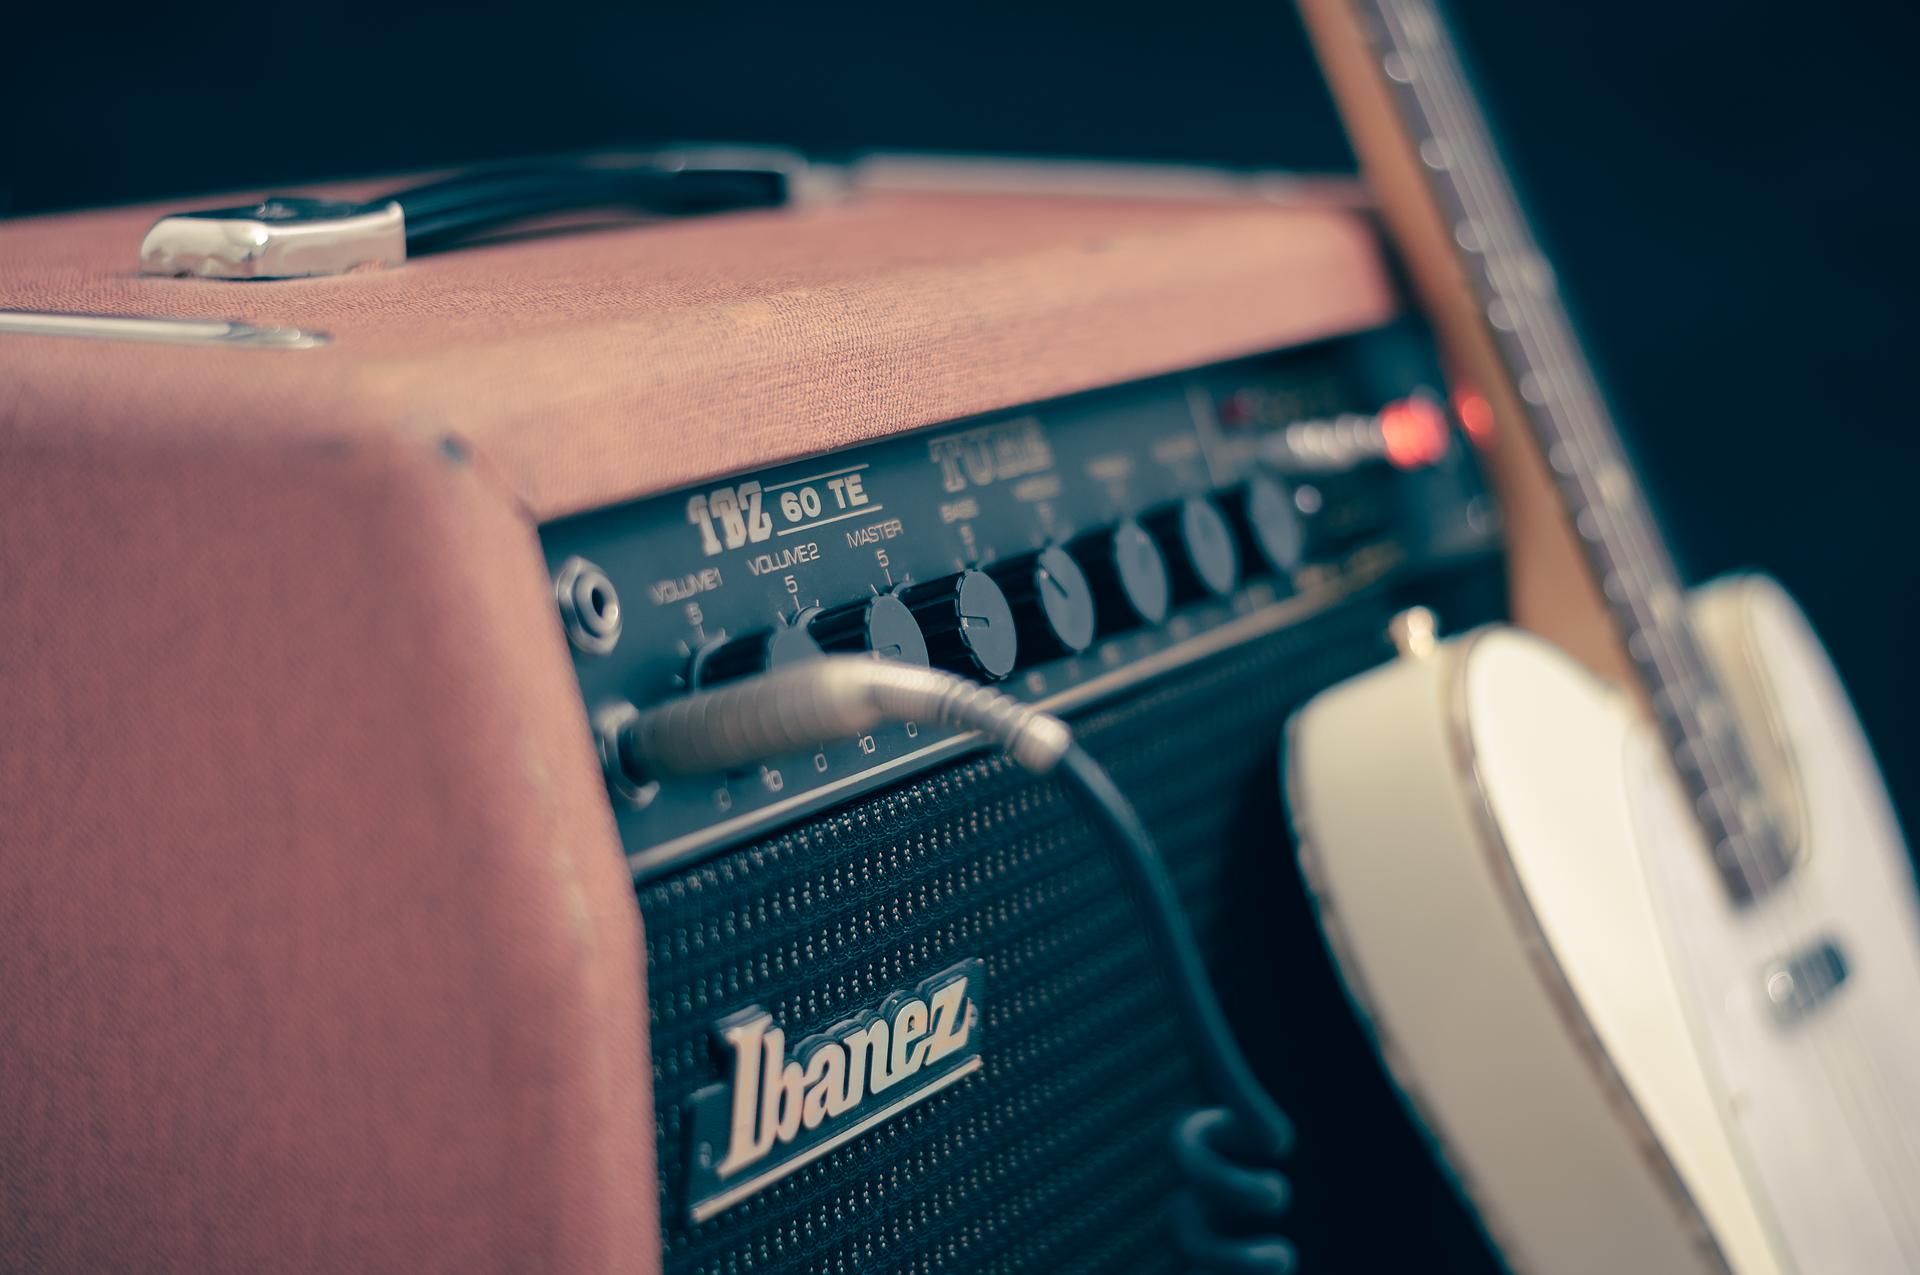 Doskonała jakość dźwięku. Jak wybrać odpowiednie głośniki?